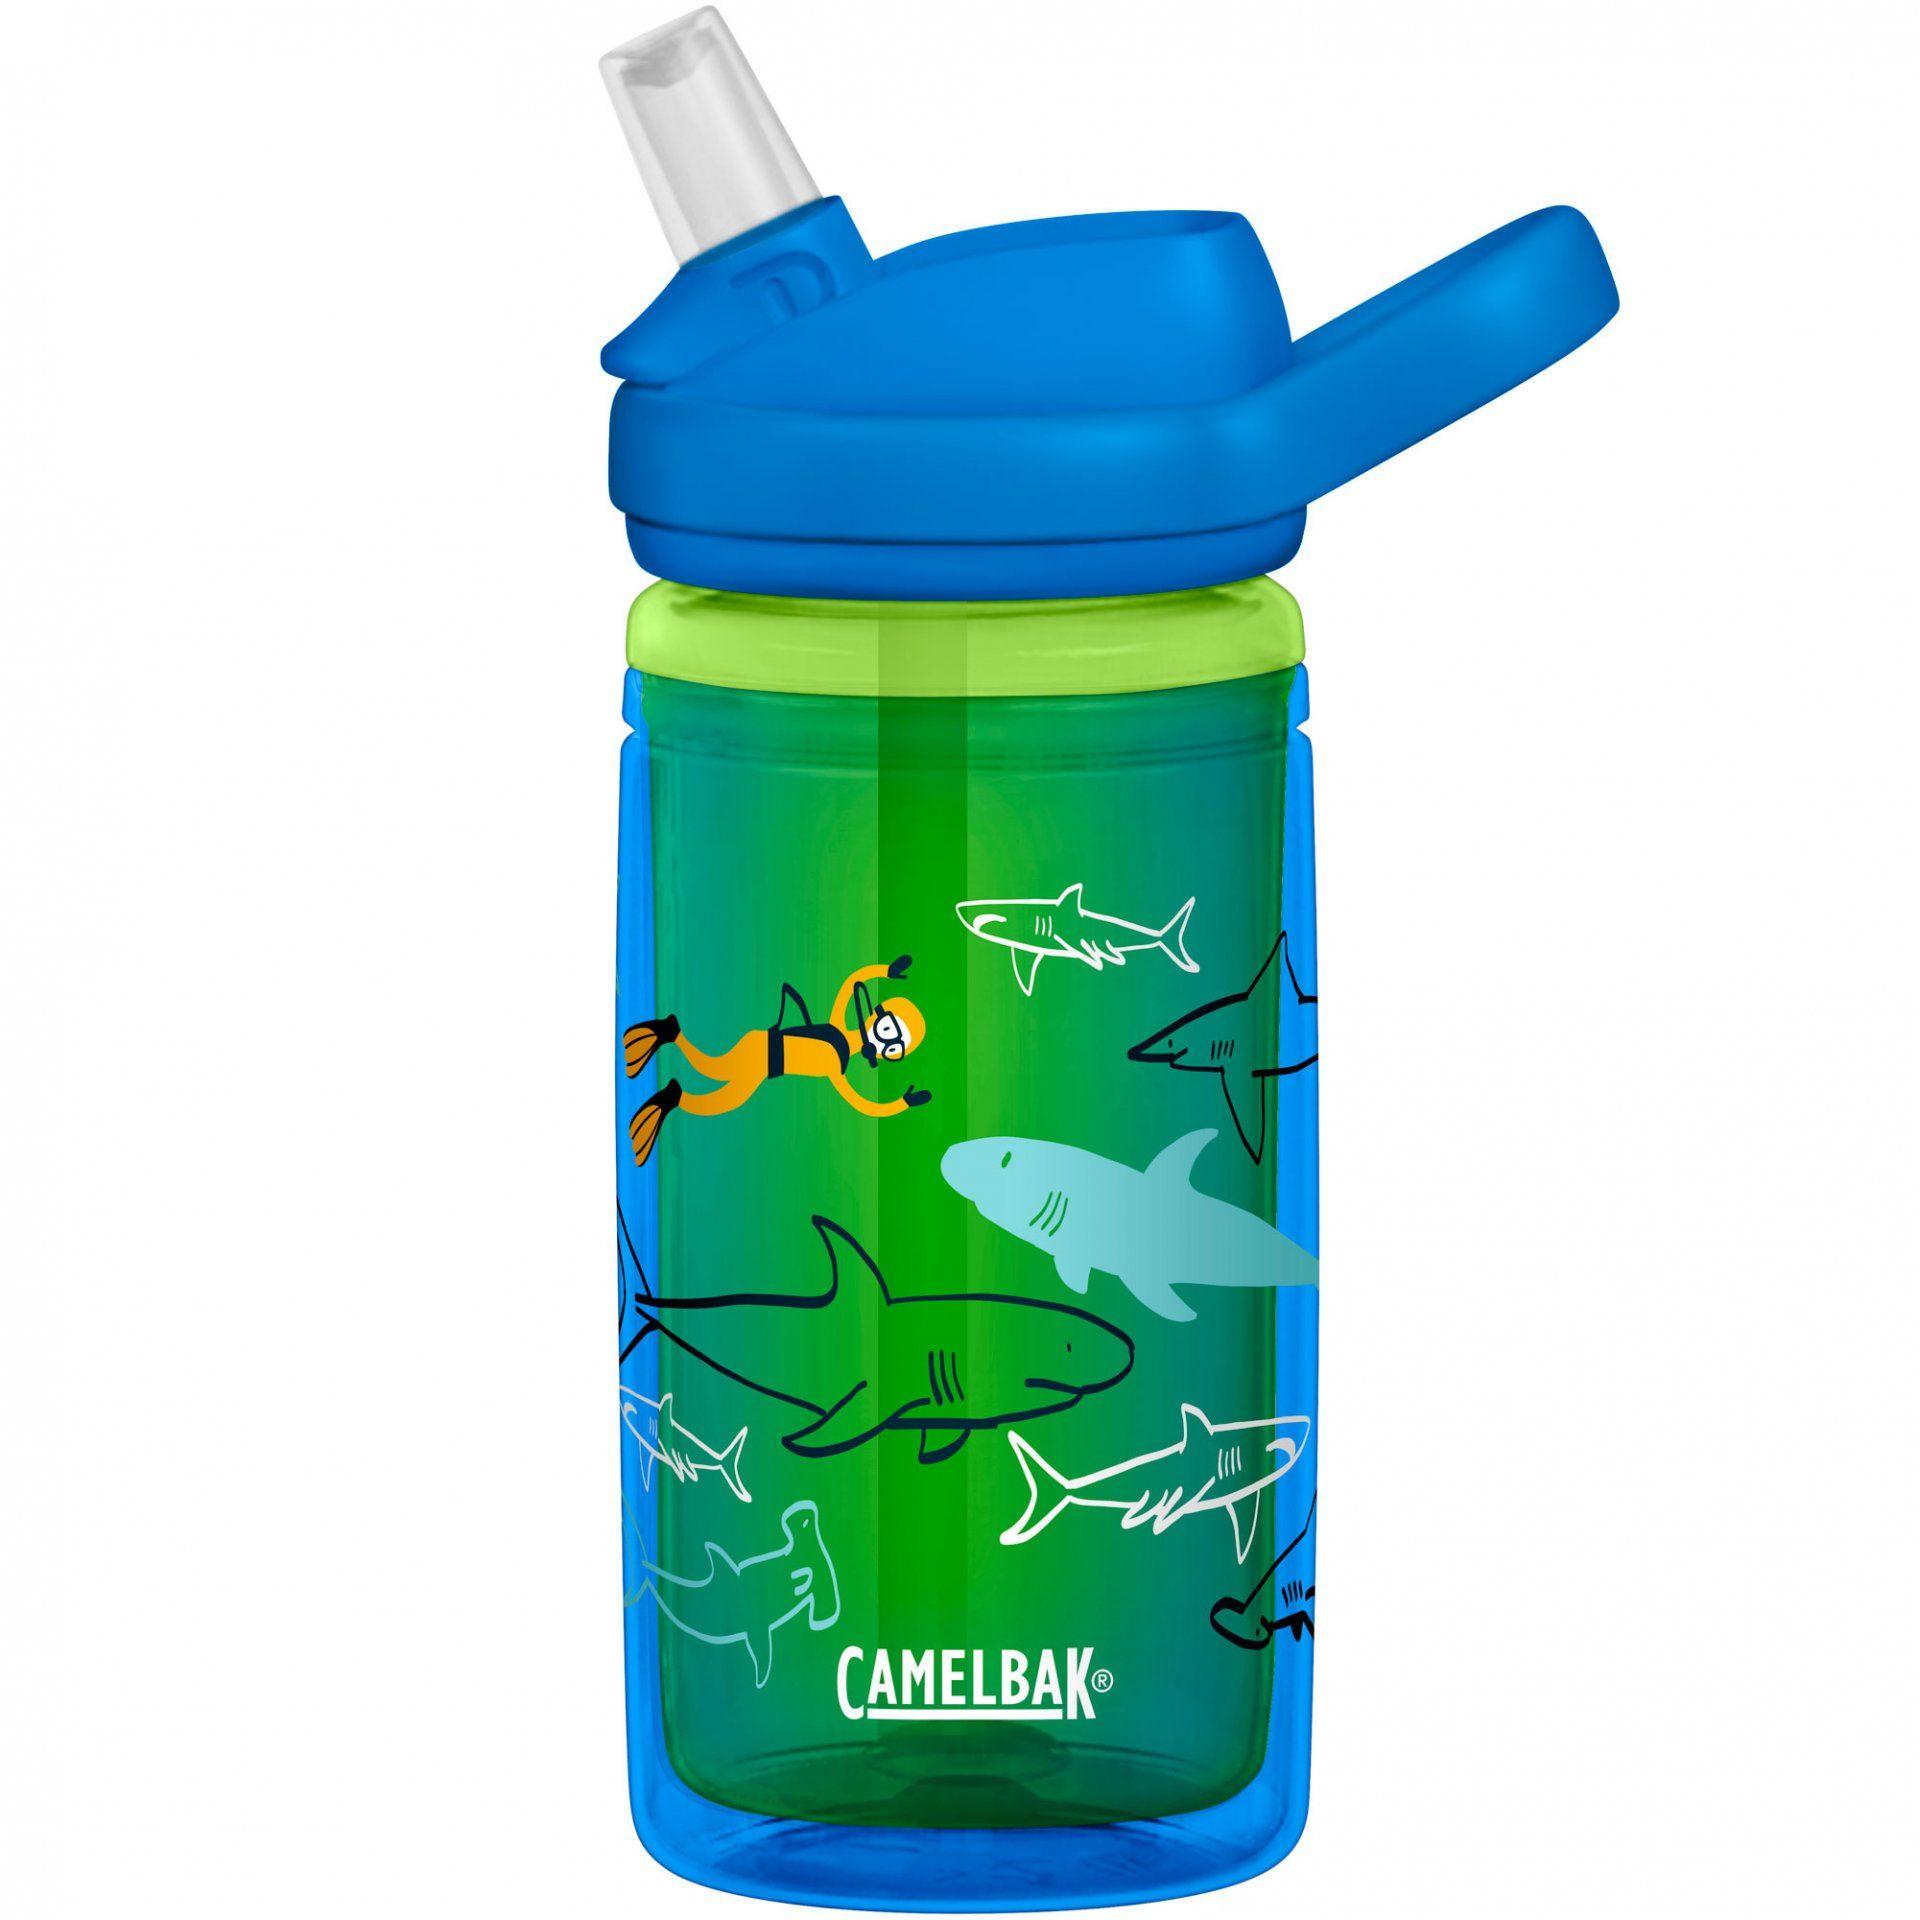 BUTELKA CAMELBAK EDDY+ KIDS INSULATED SCUBA SHARKS BLUE|GREEN 1